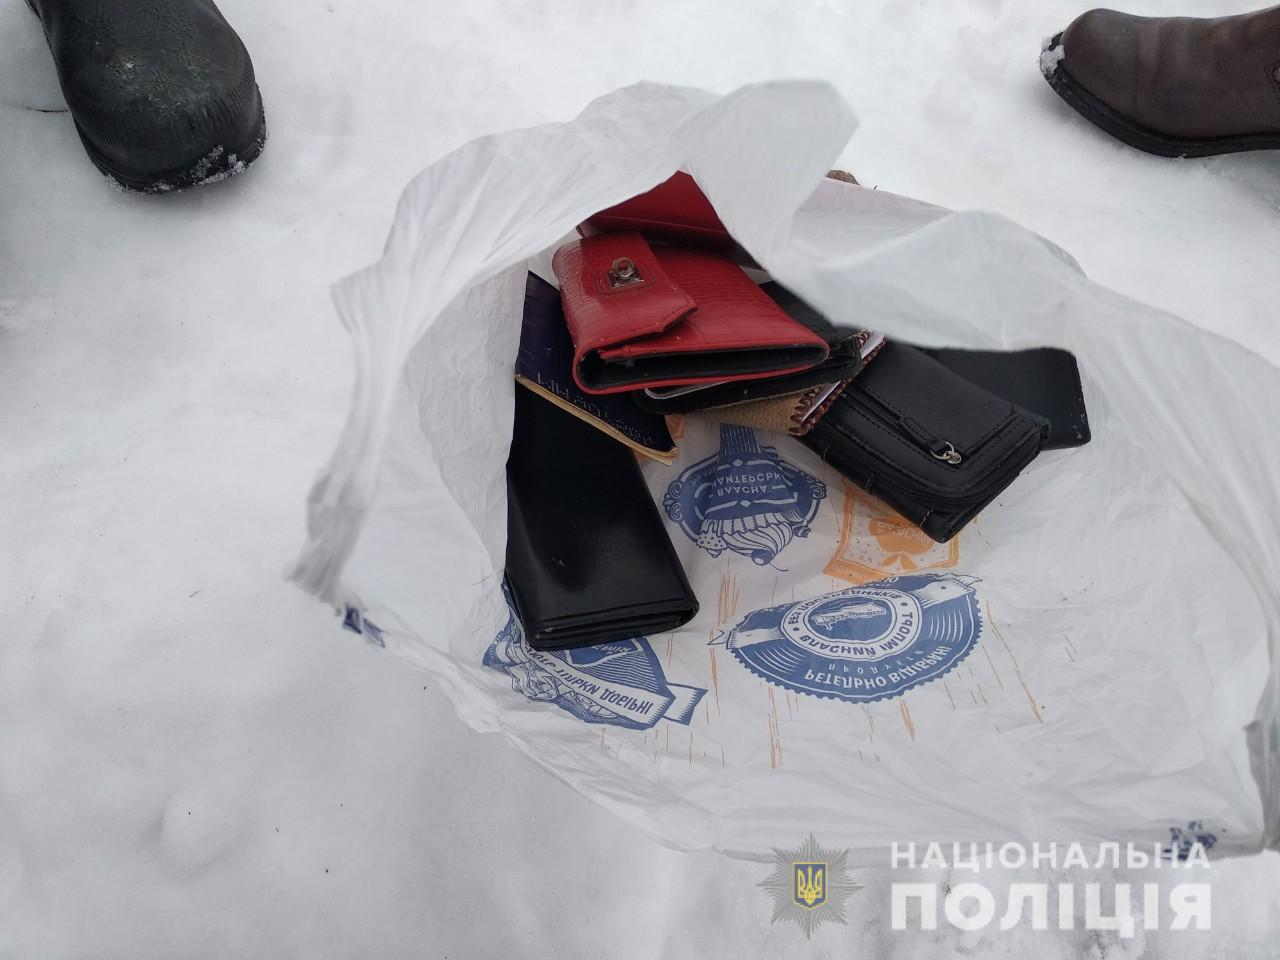 Под Харьковом задержали карманного вора (фото)